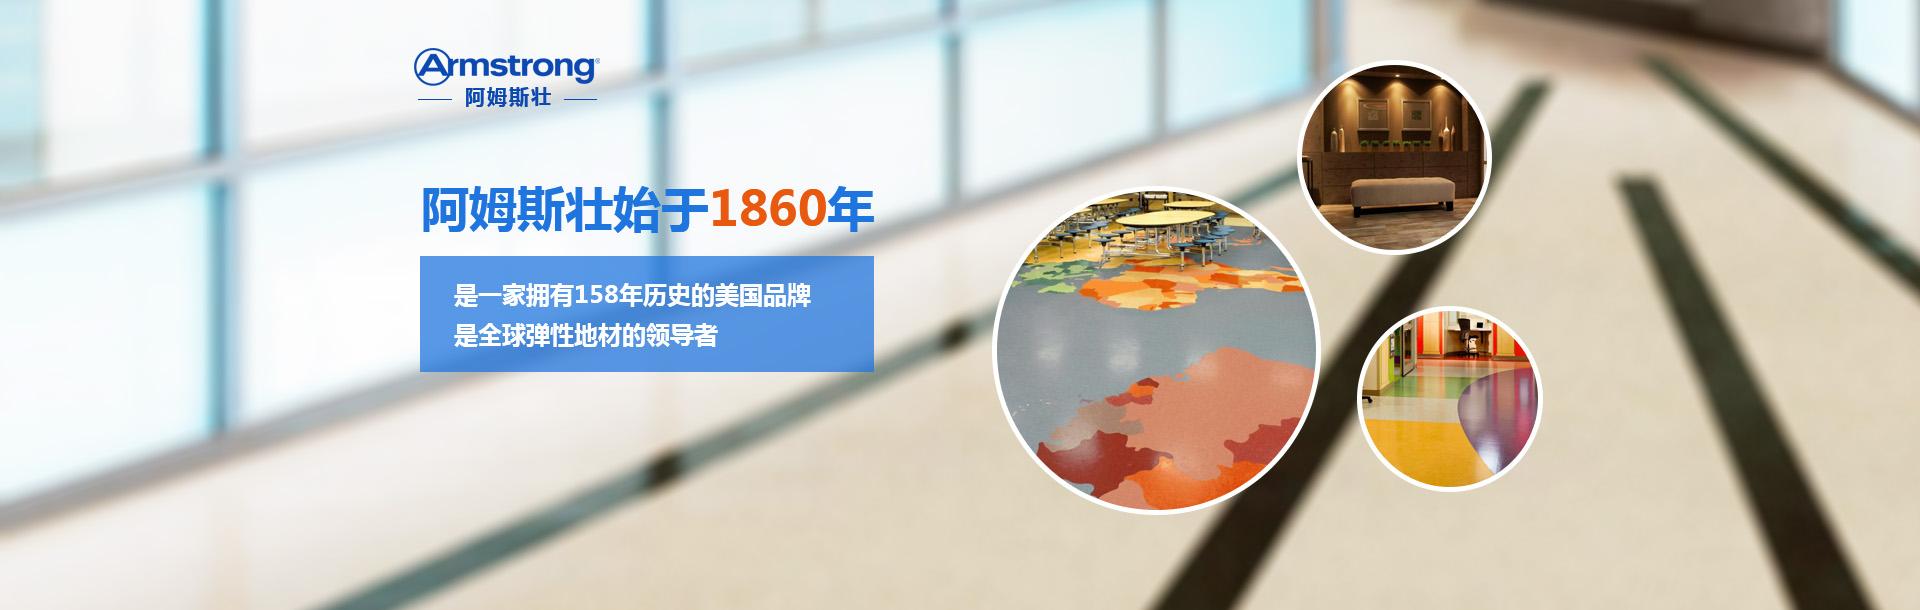 郑州pvc塑胶地板,郑州塑胶地板,塑胶地板厂家